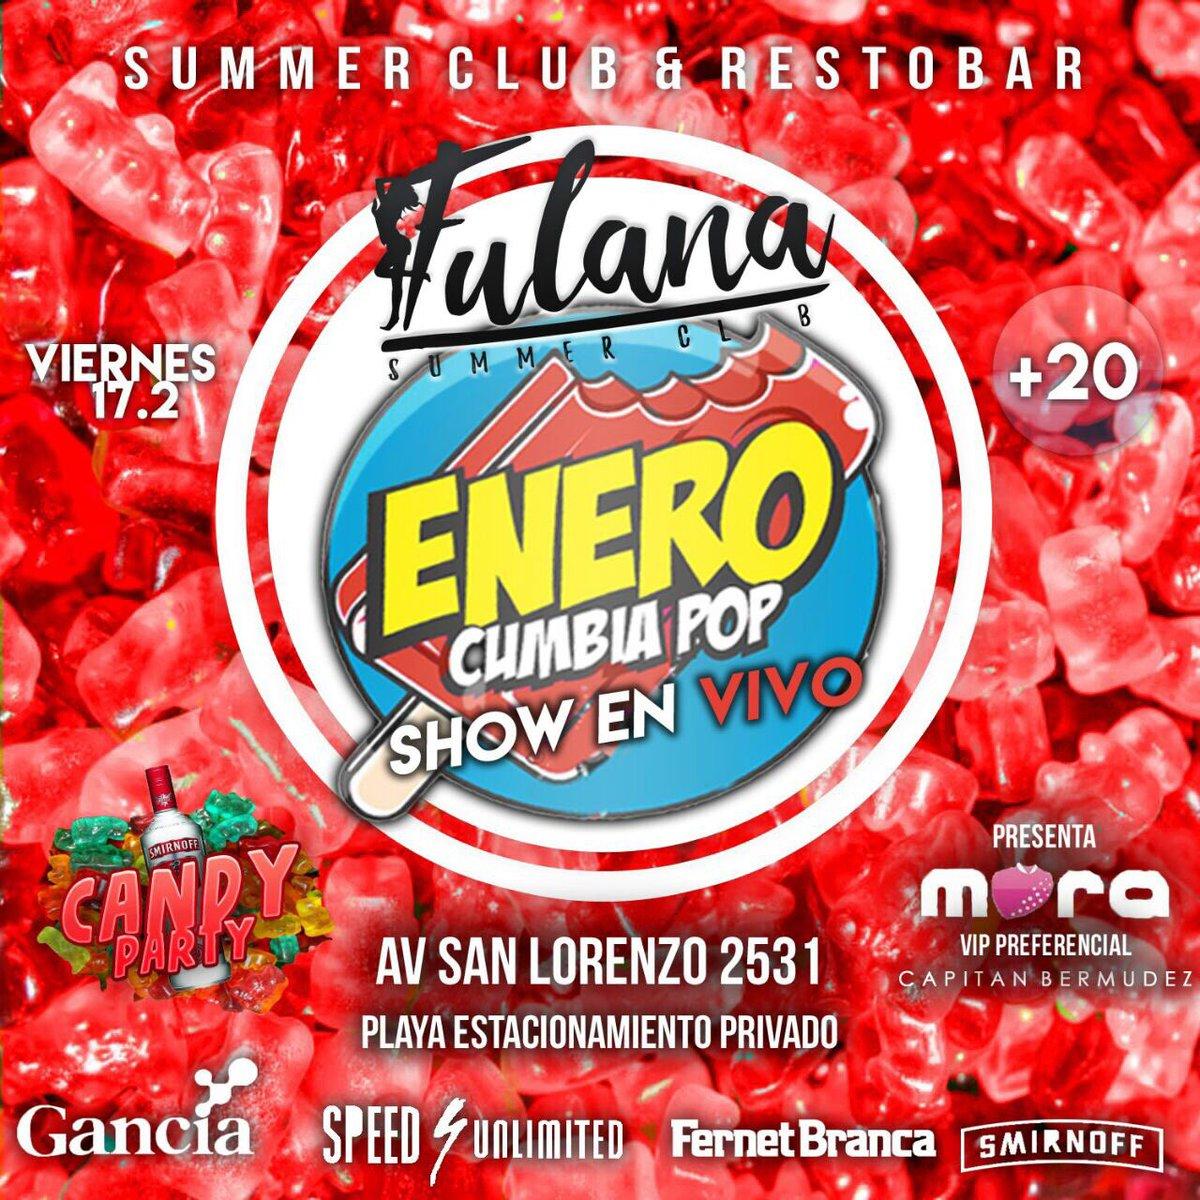 Vier 17.2 #Fulana presenta: Show en vivo #ENERO  #LOVE  Semana de los enamorados  #Candy #Party - Gomitas con Vodka<br>http://pic.twitter.com/j8CQWFooz7